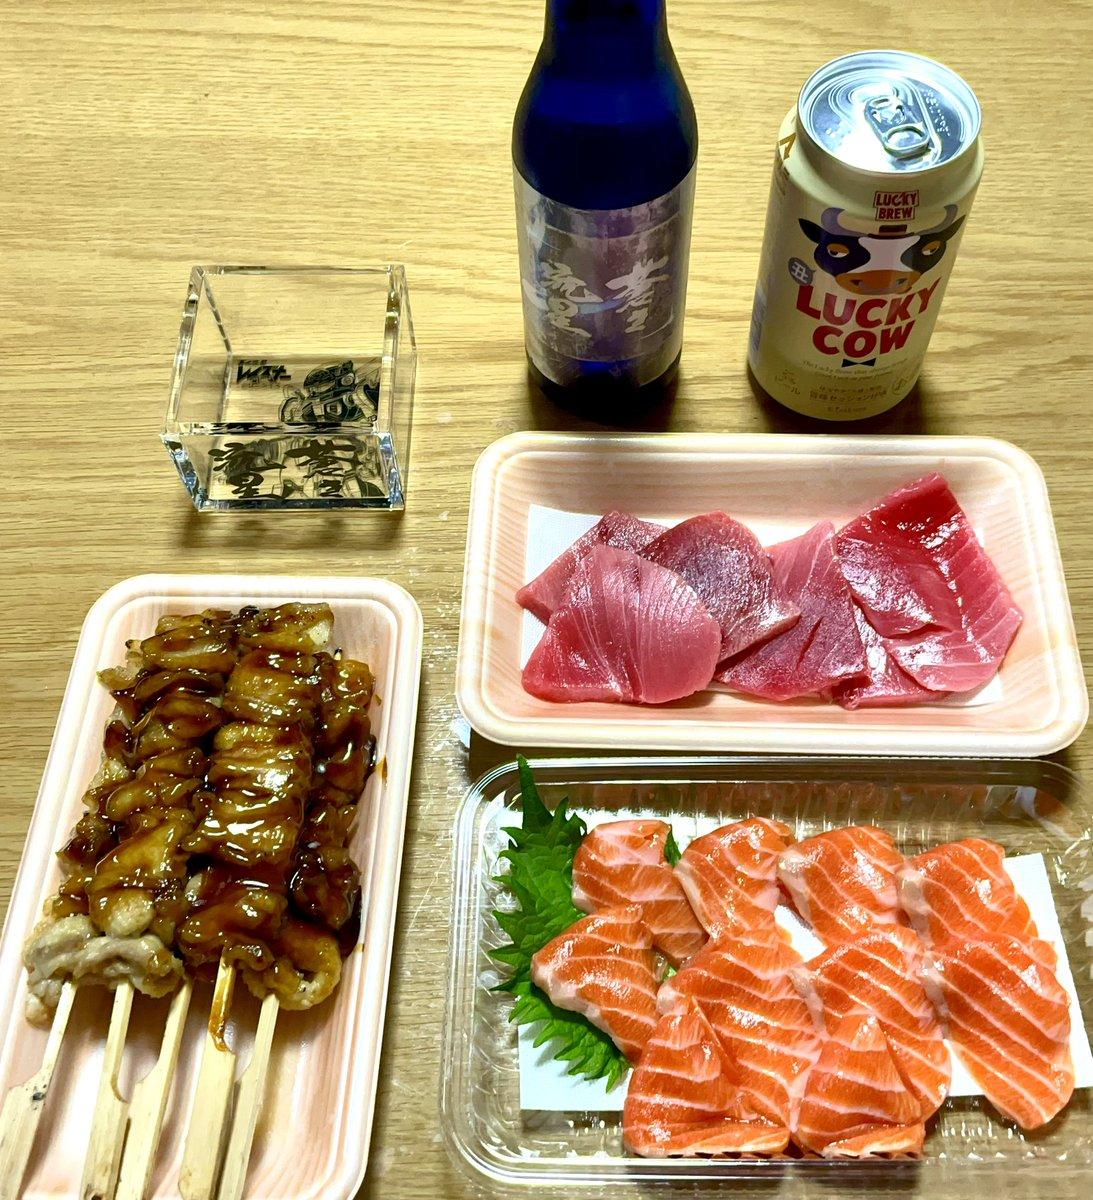 """test ツイッターメディア - 今日の夕飯は中トロとサーモンの刺身と焼き鳥。 日本酒は白糸酒造の""""蒼き流星""""。 https://t.co/TQB5lfJH1Y"""